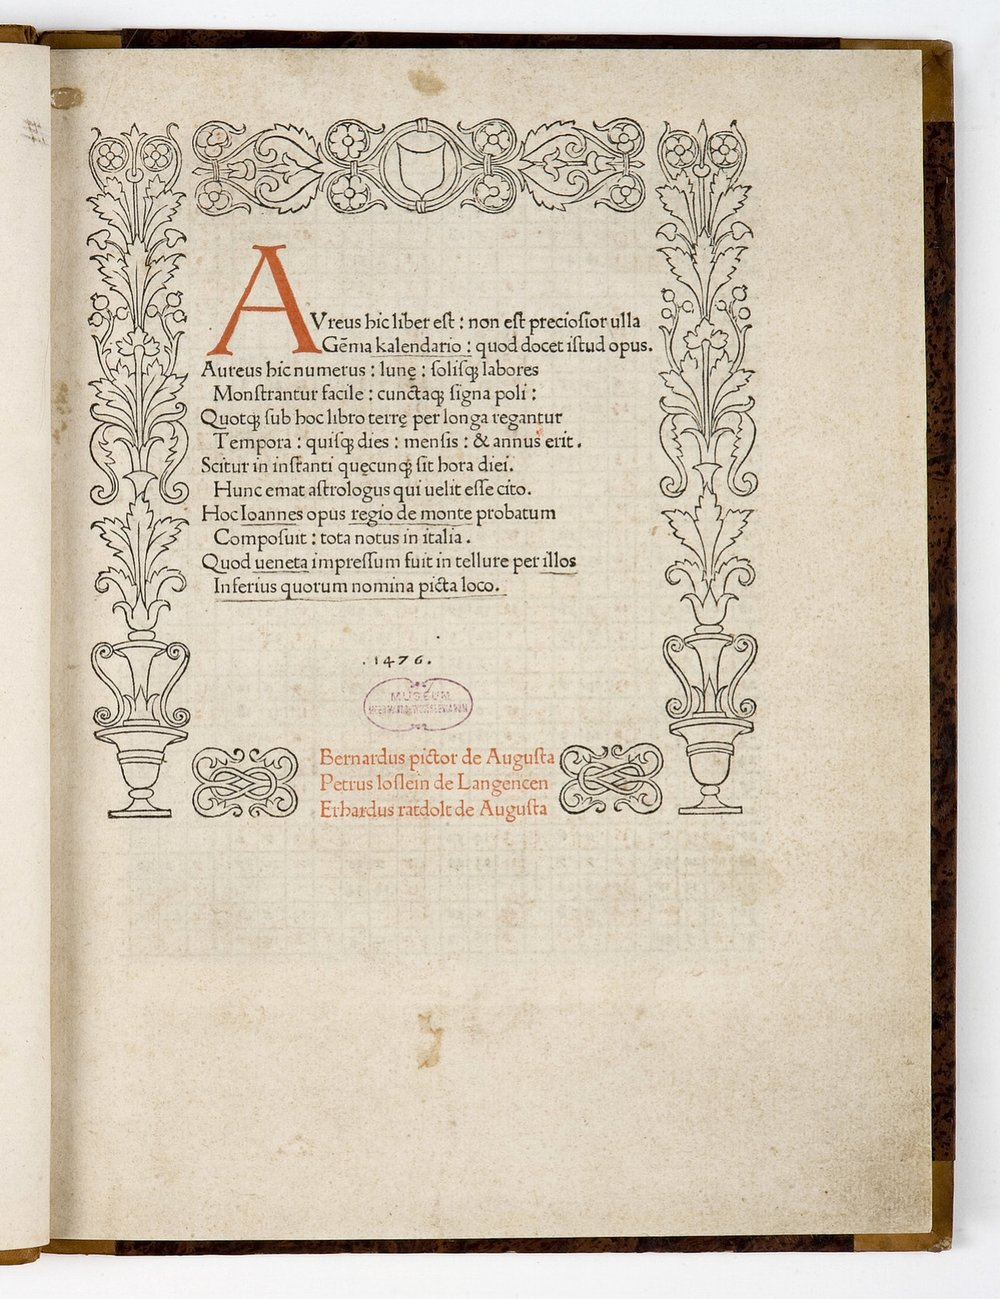 Regiomontanus, Calendarium[3 D 39, 1r]